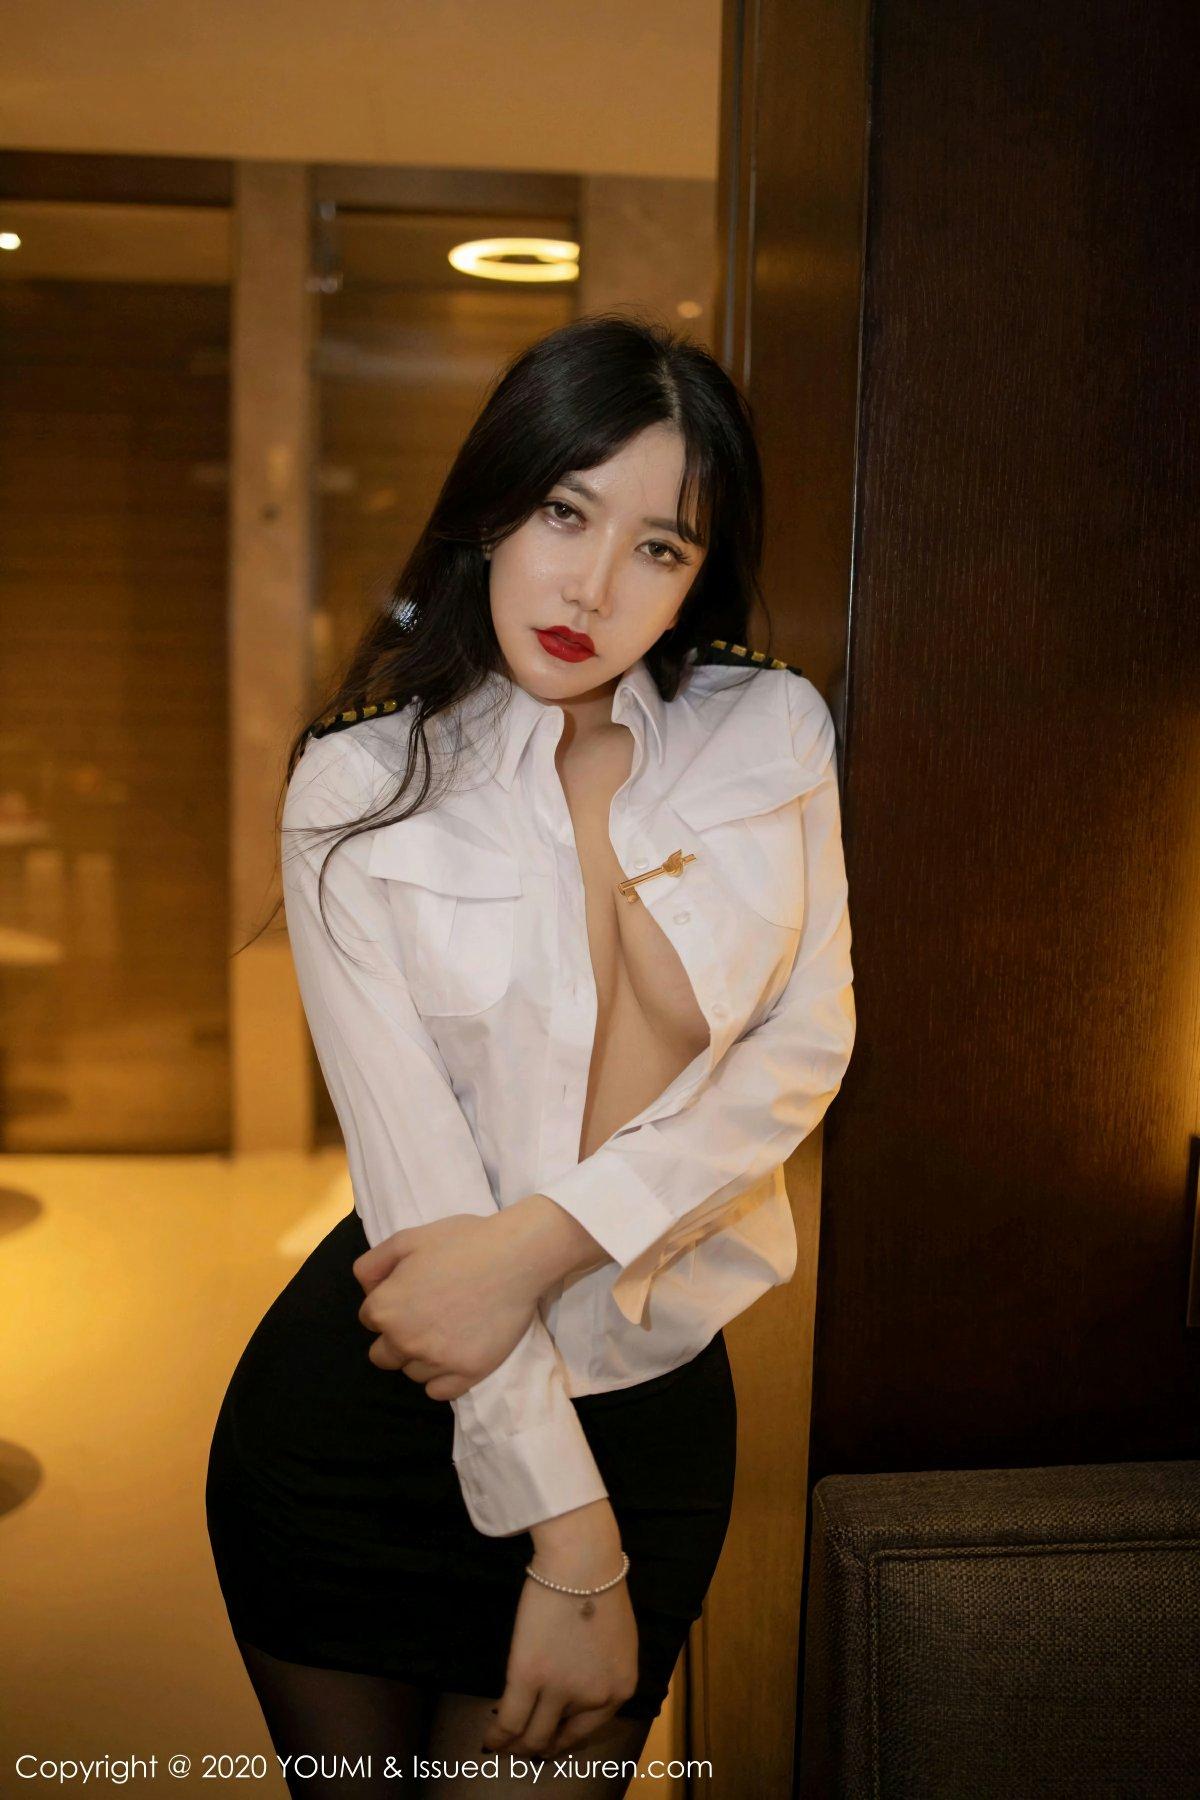 [YOUMI尤蜜荟]2020.03.04 VOL.428 心妍小公主[29P] 尤蜜荟 第2张